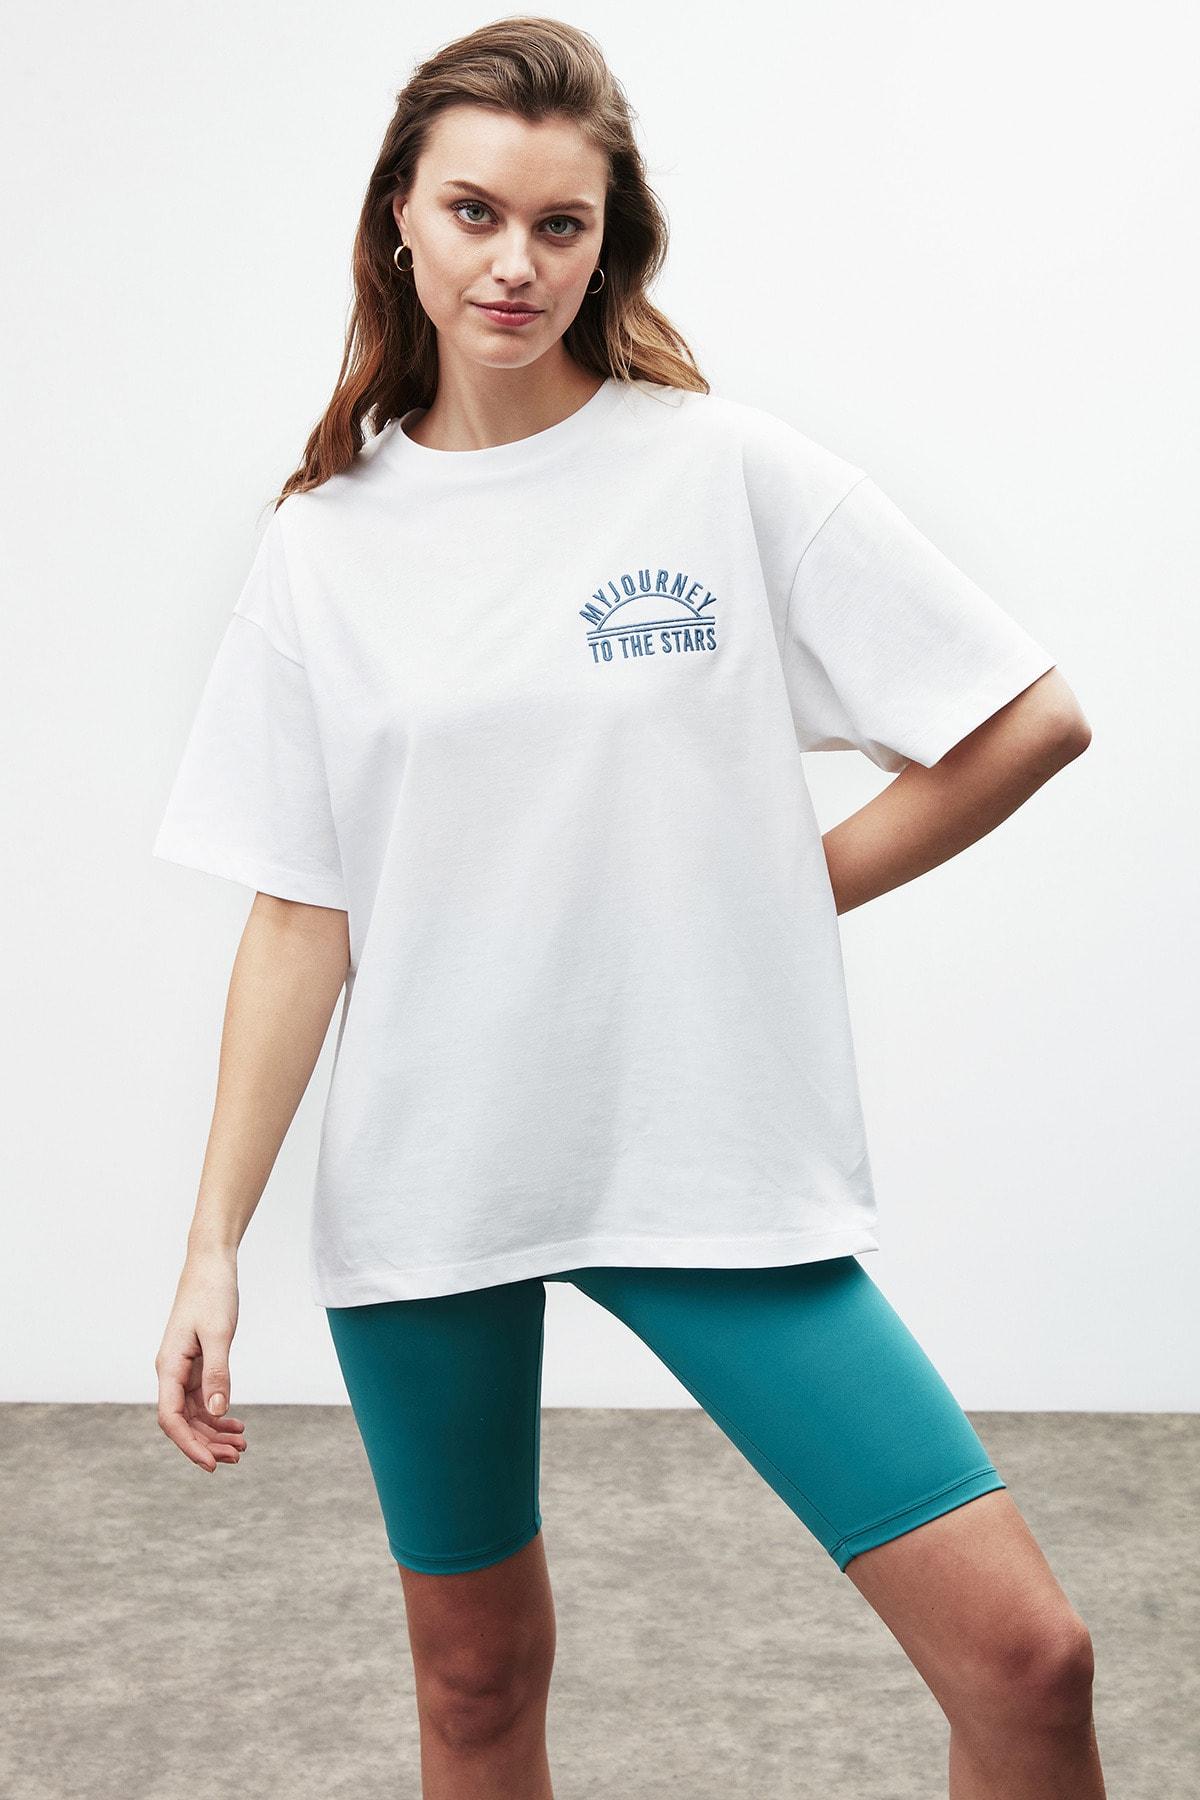 Rosa Kadın Beyaz Nakışlı / Işlemeli Bisiklet Yaka T-shirt